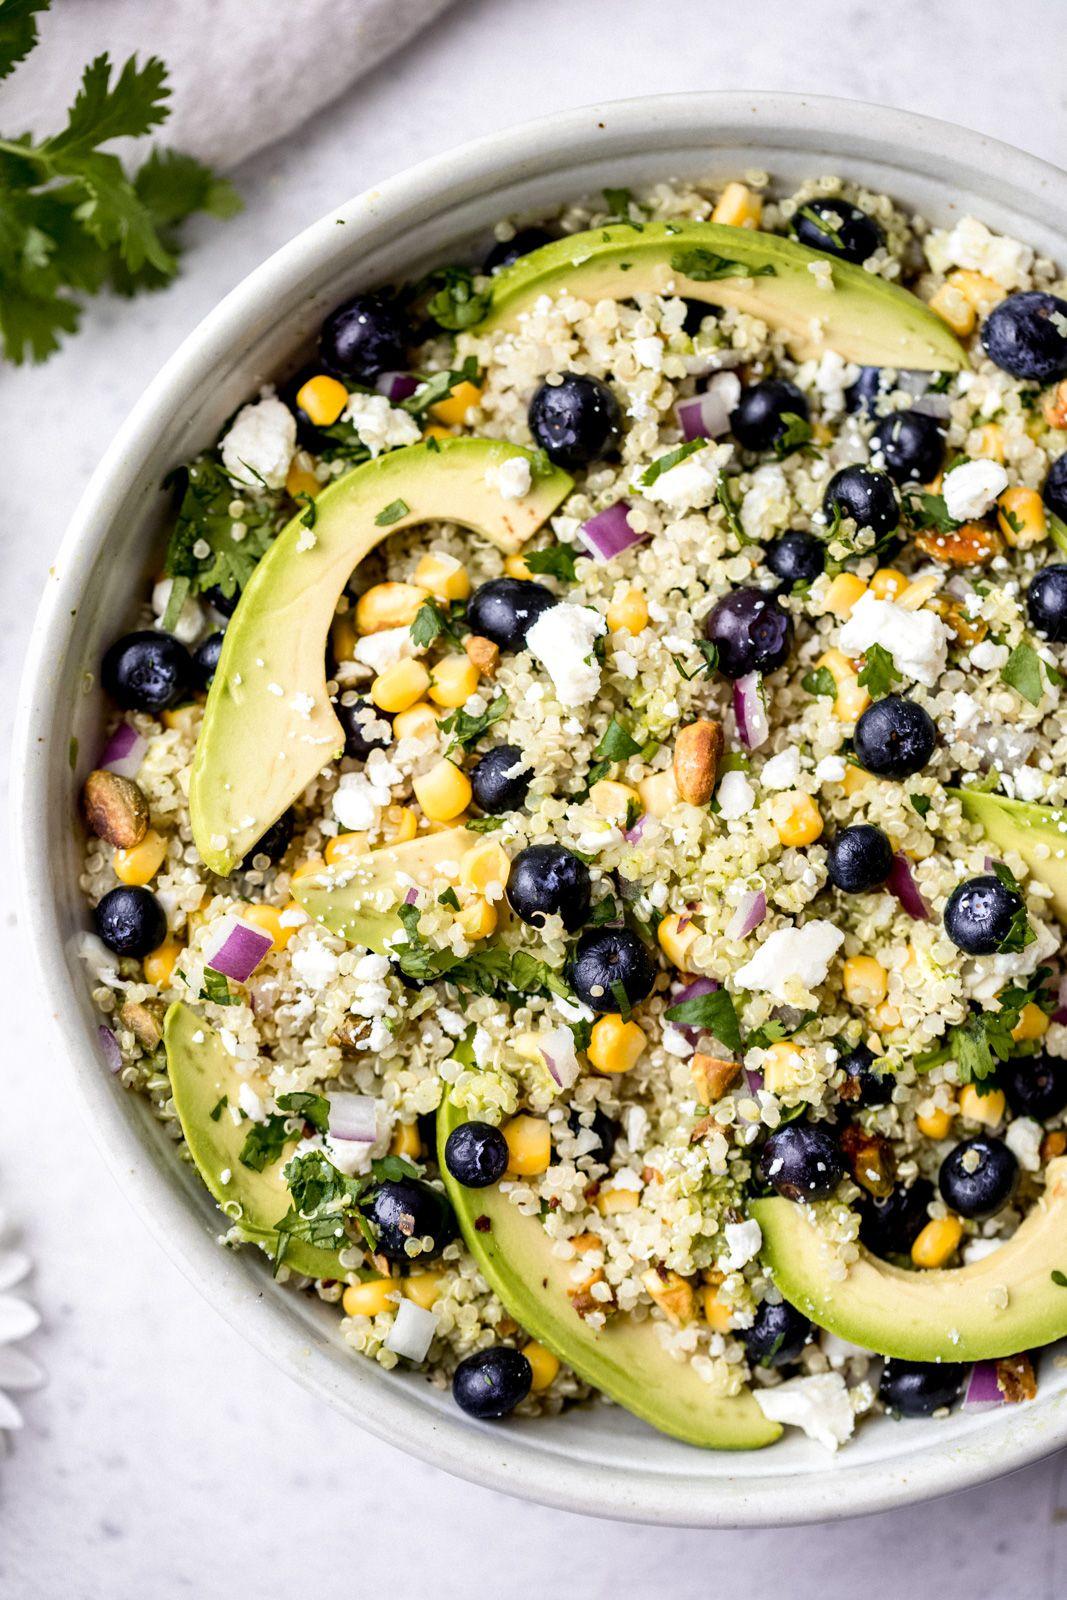 Avocado Blueberry Quinoa Salad images